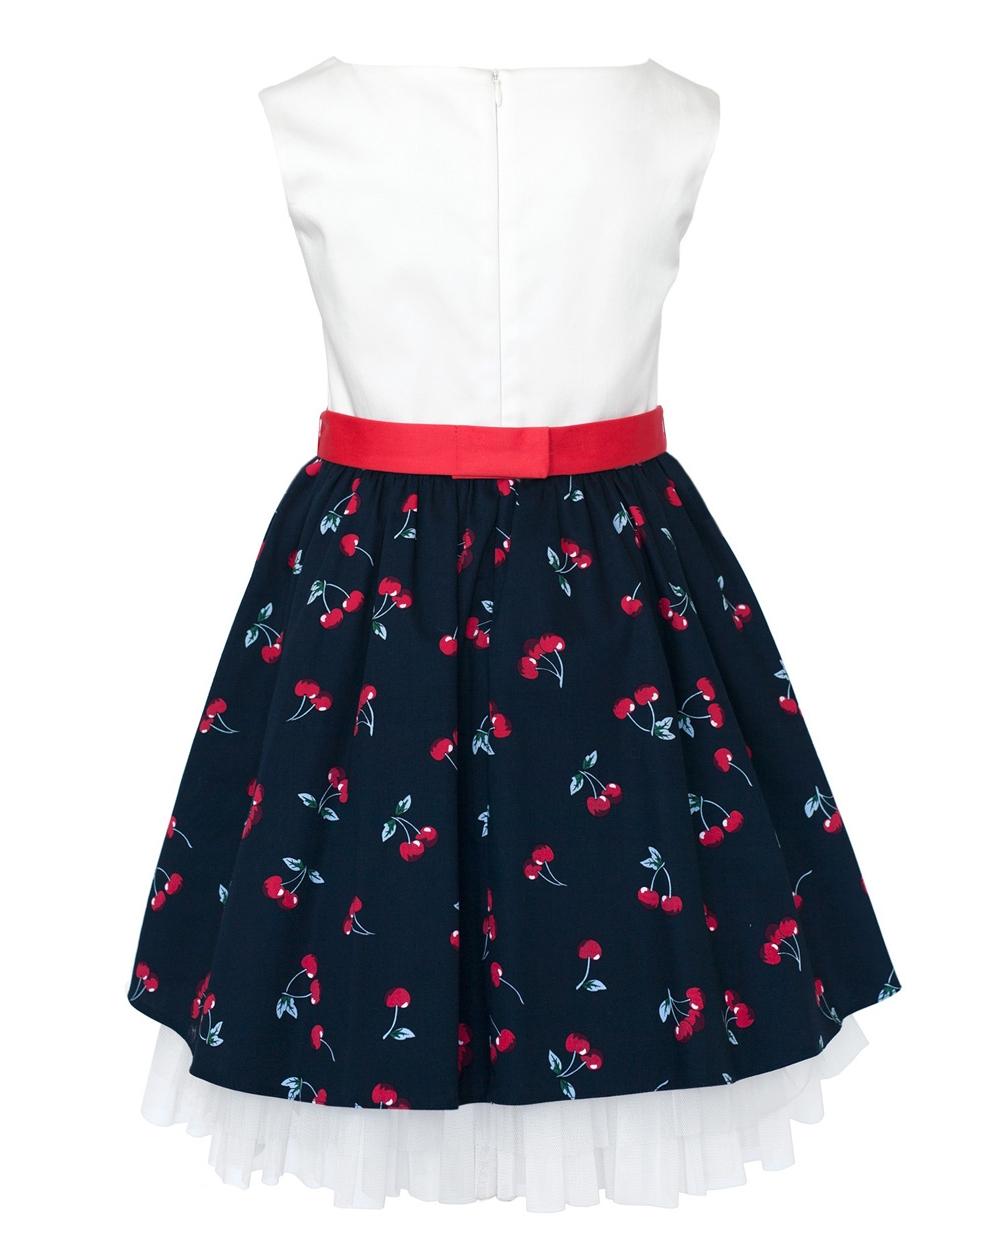 ca8e2021fa Sukienka dla dziewczynki na wesele